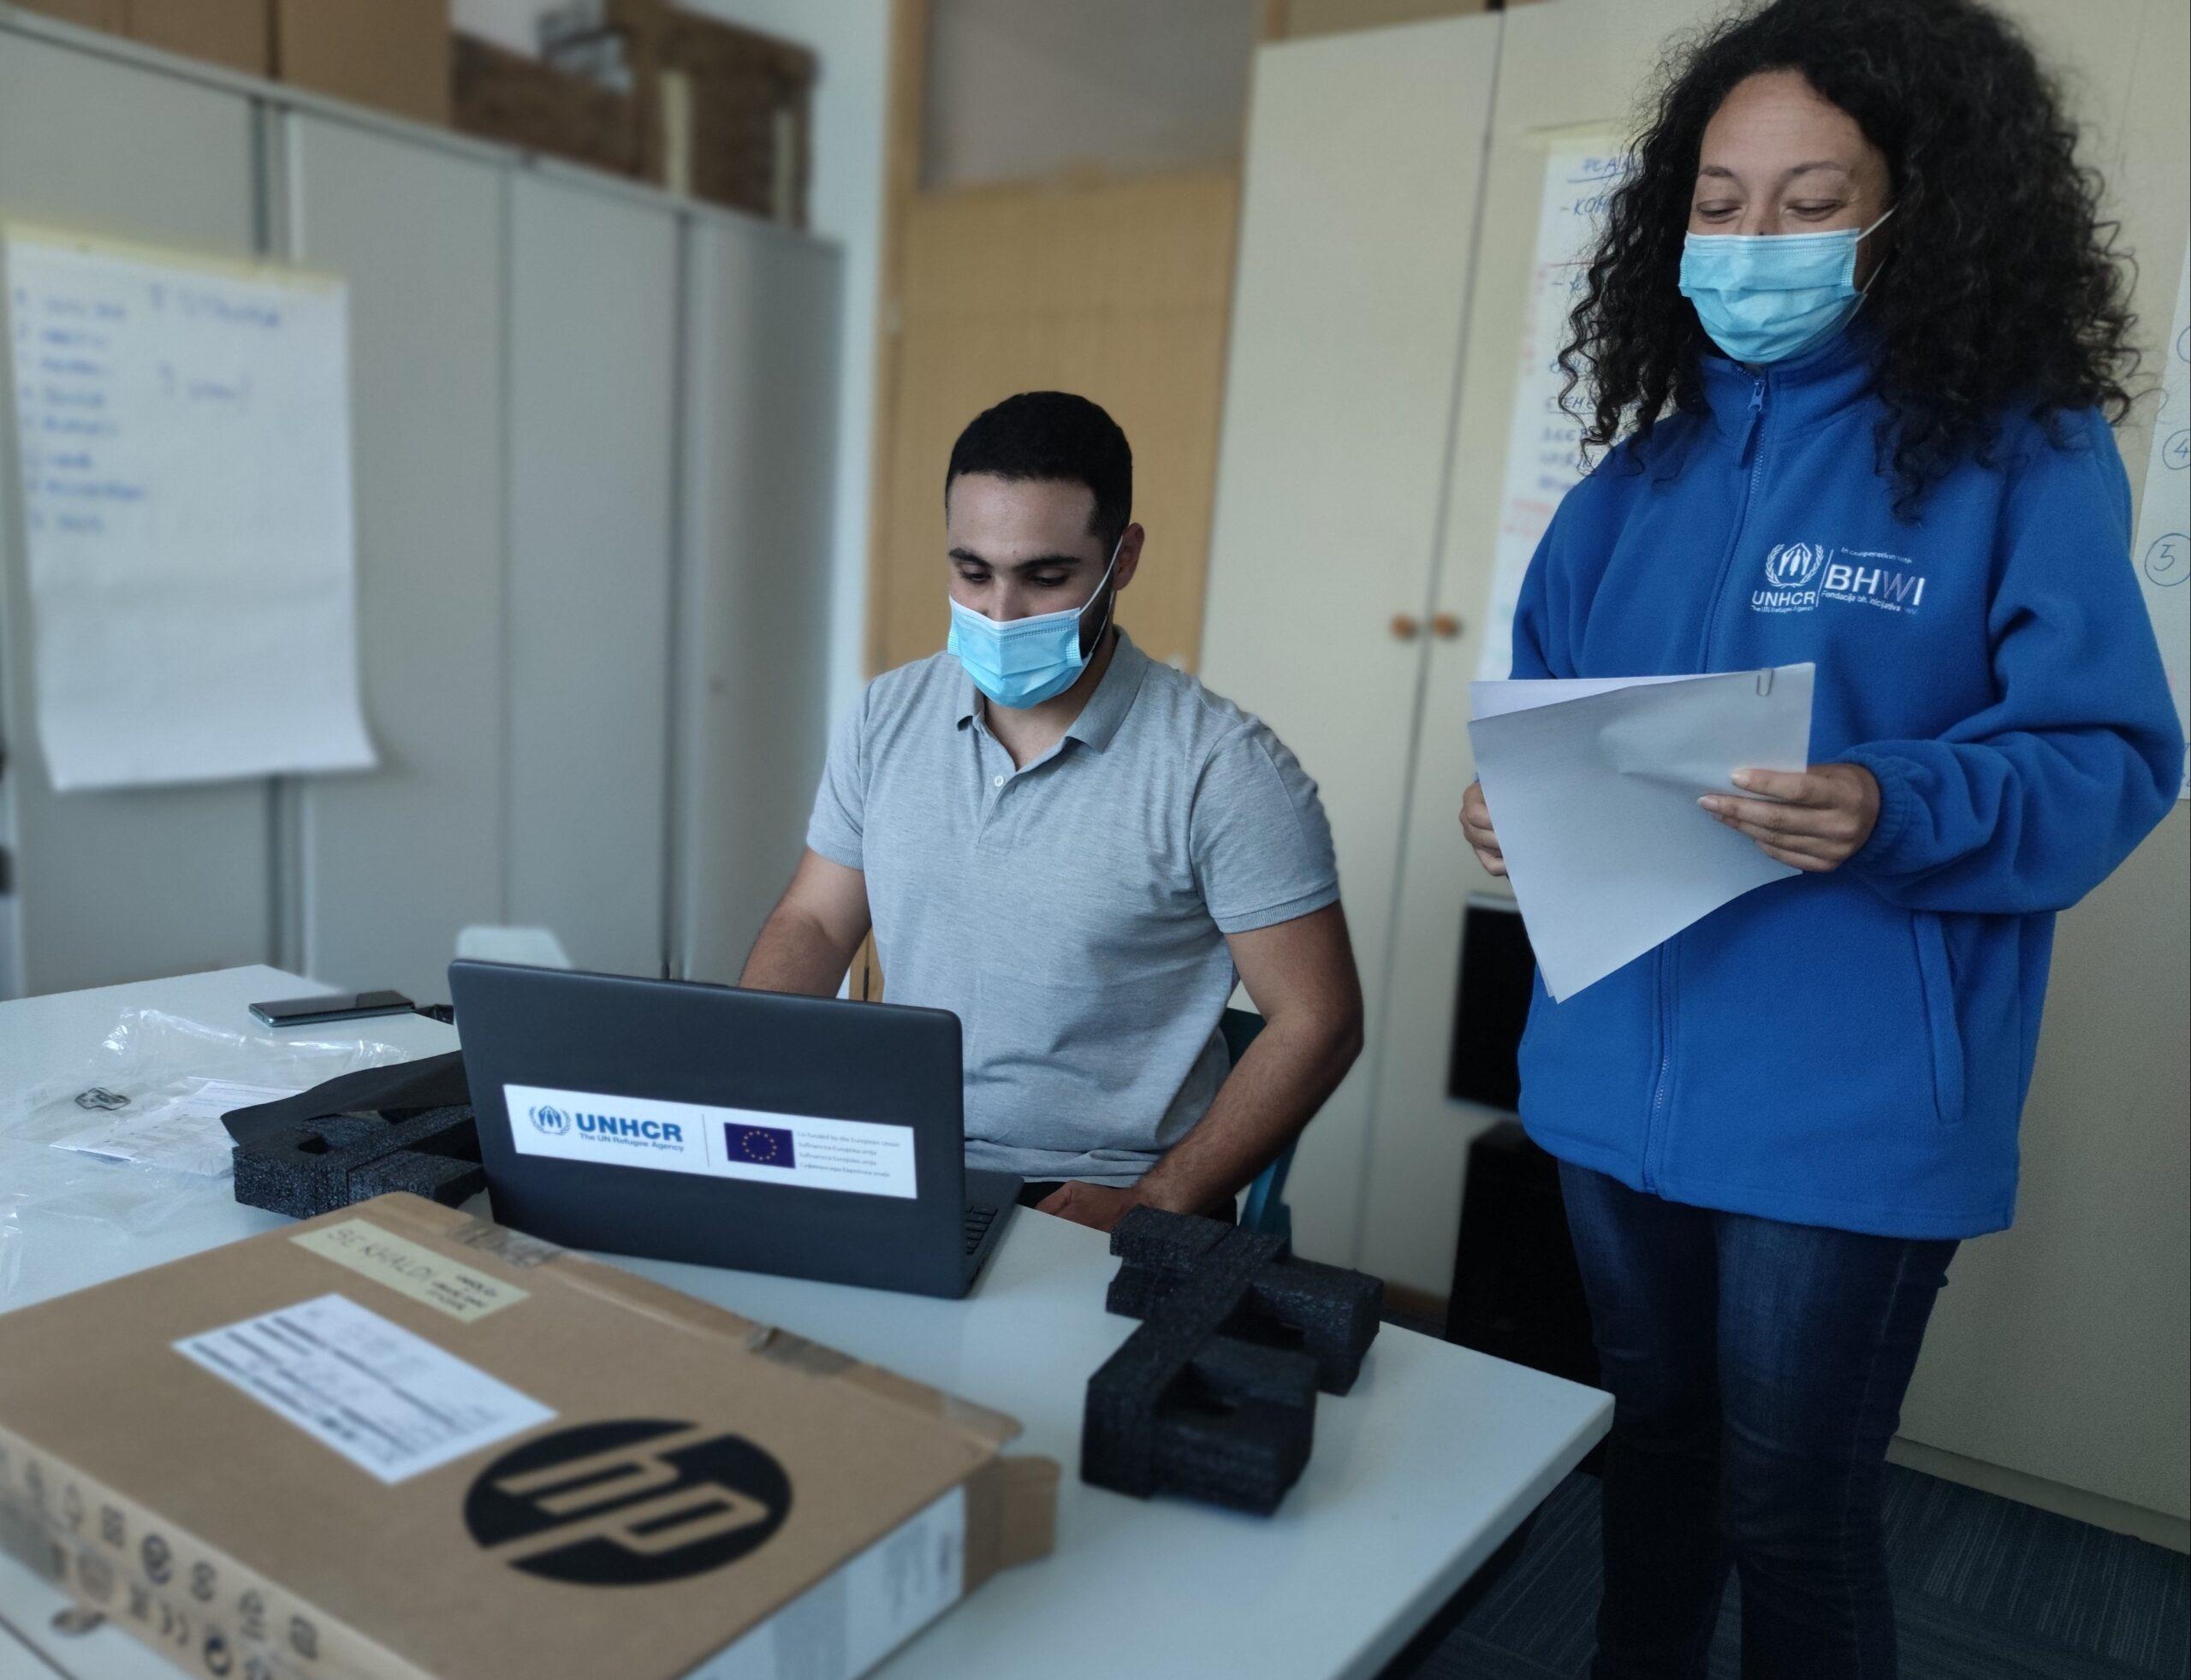 Β-Ε: Η Ύπατη Αρμοστεία του ΟΗΕ για τους Πρόσφυγες πρόσφερε εξοπλισμό σε μαθητές και νέους που είναι πρόσφυγες και αιτούντες άσυλο